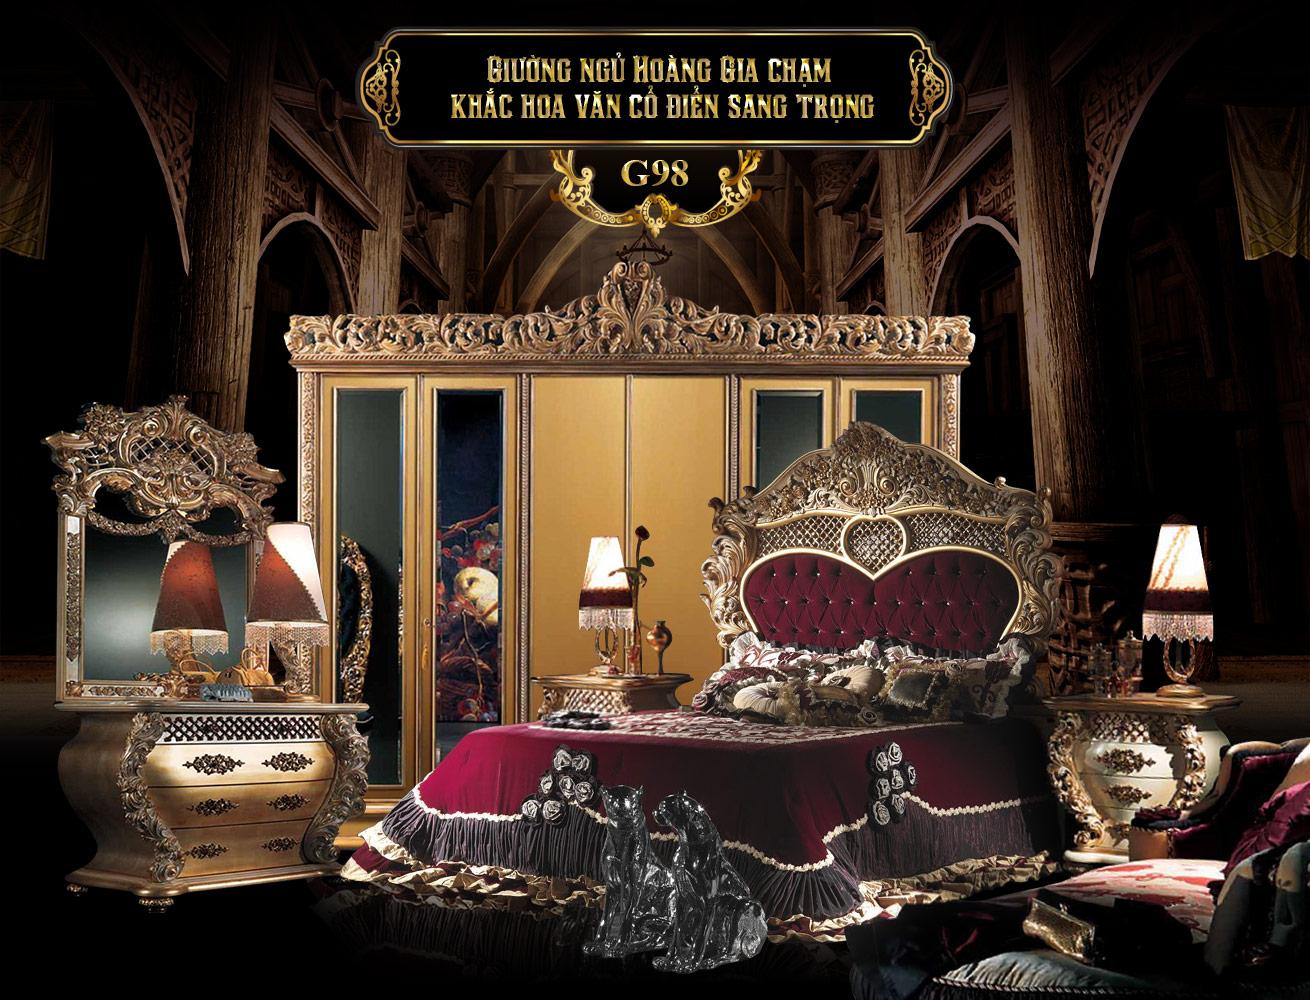 Giường ngủ hoàng gia sang trọng G98-1  | Giường ngủ cổ điển đẹp | Giường ngủ gỗ tự nhiên đẹp